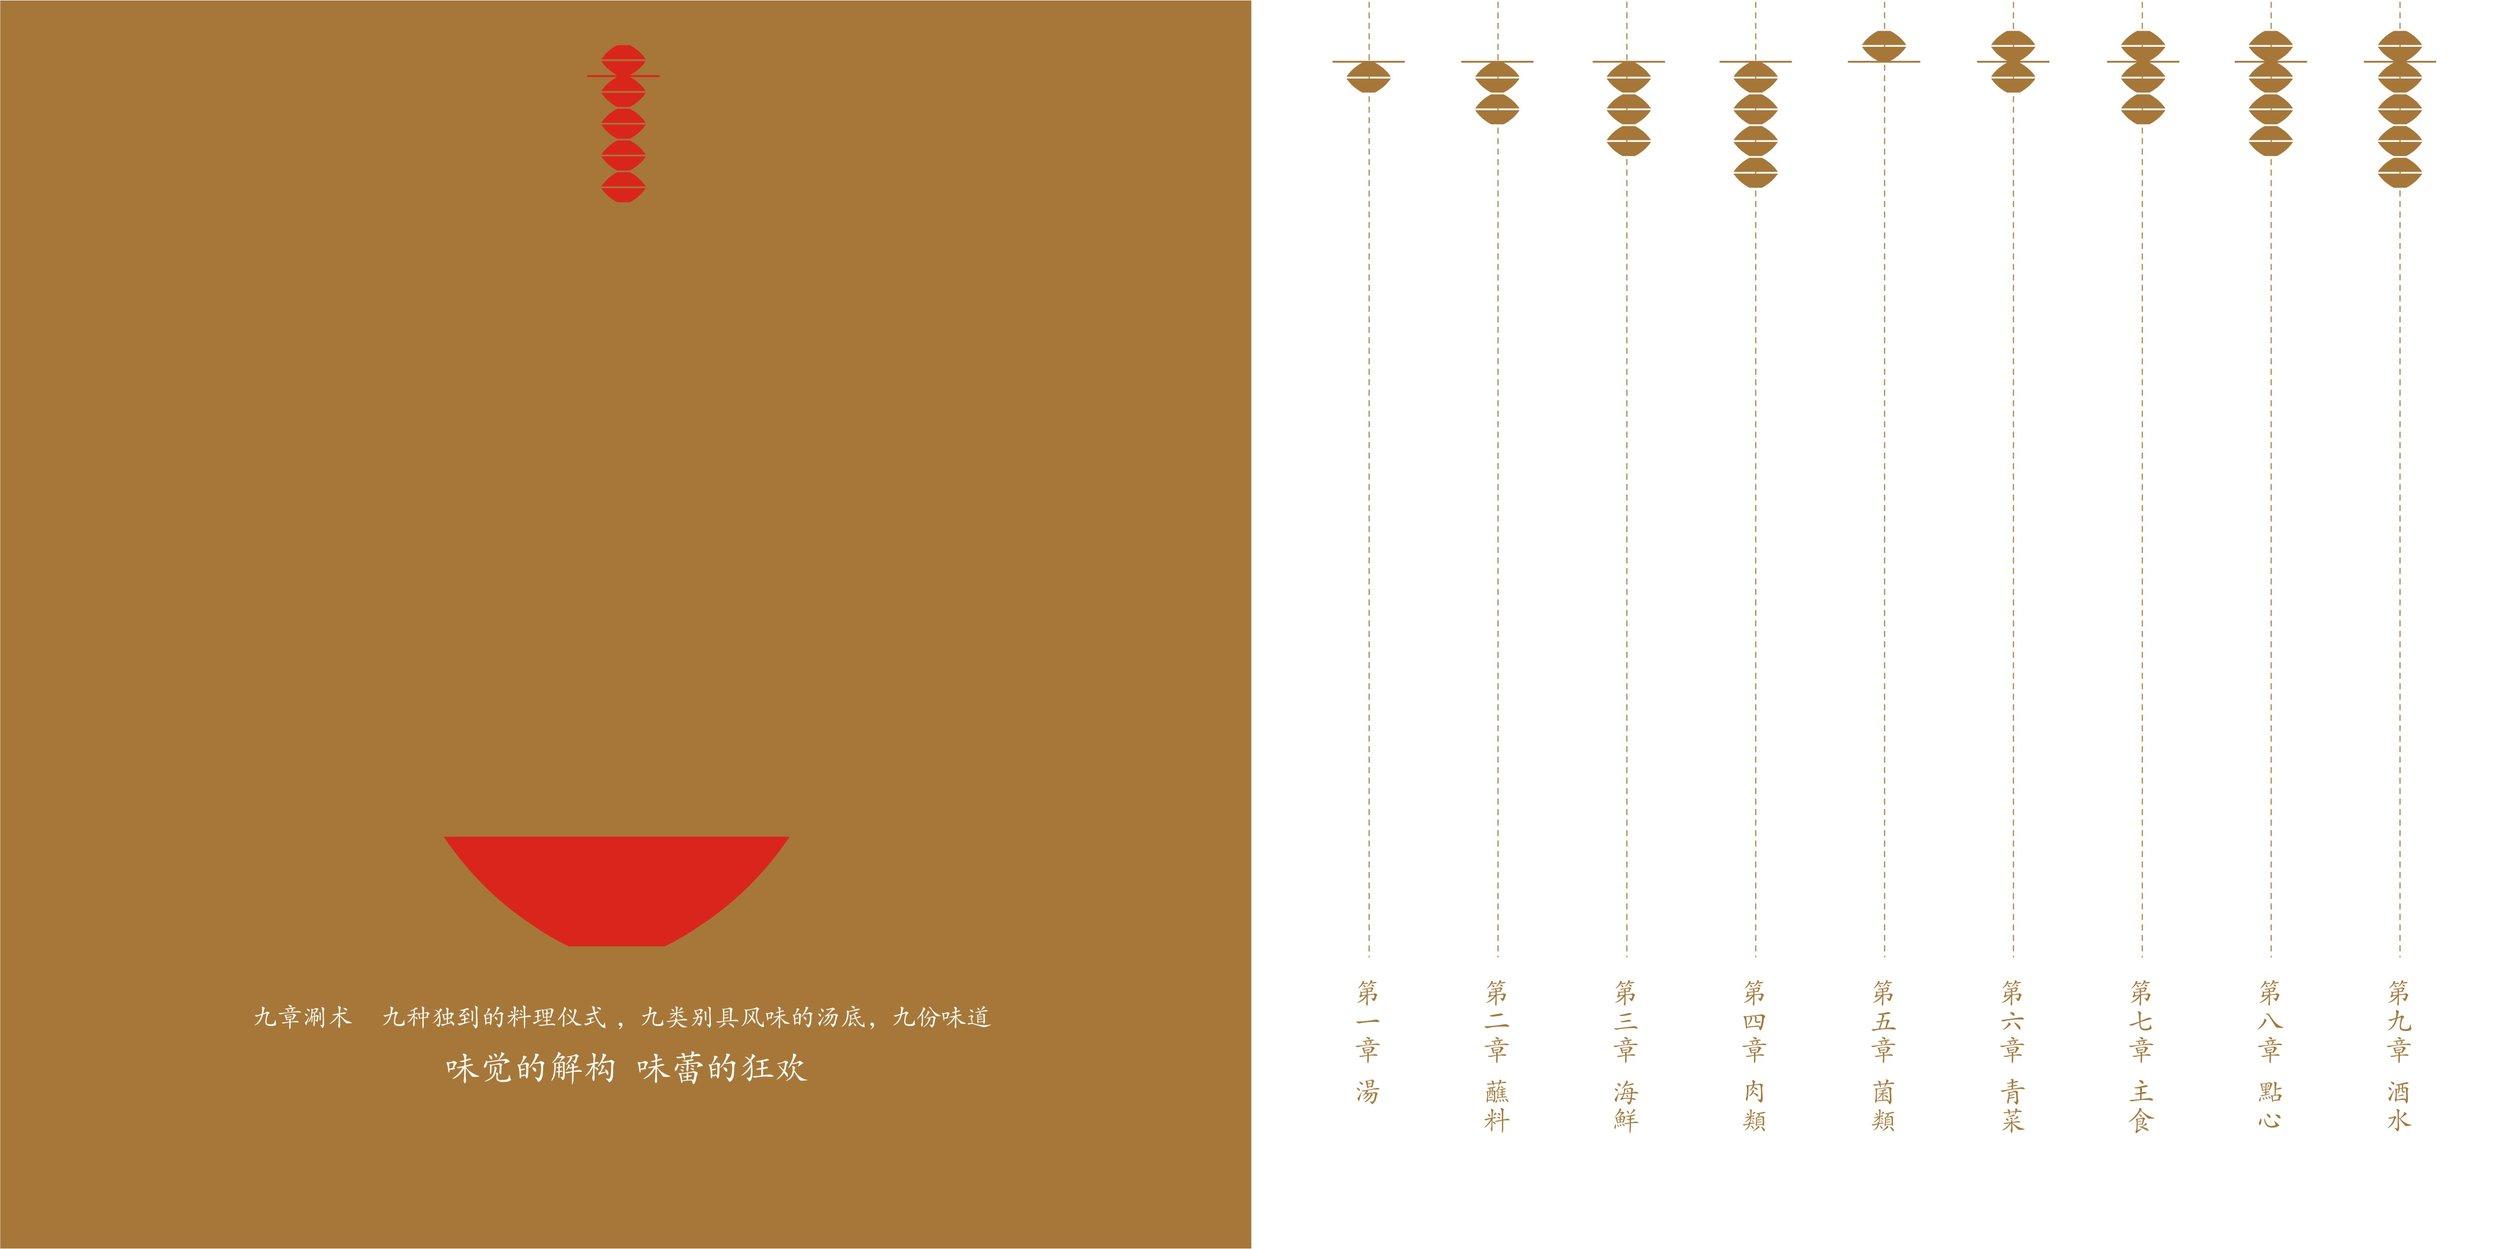 九章涮术BRAND-5.jpg